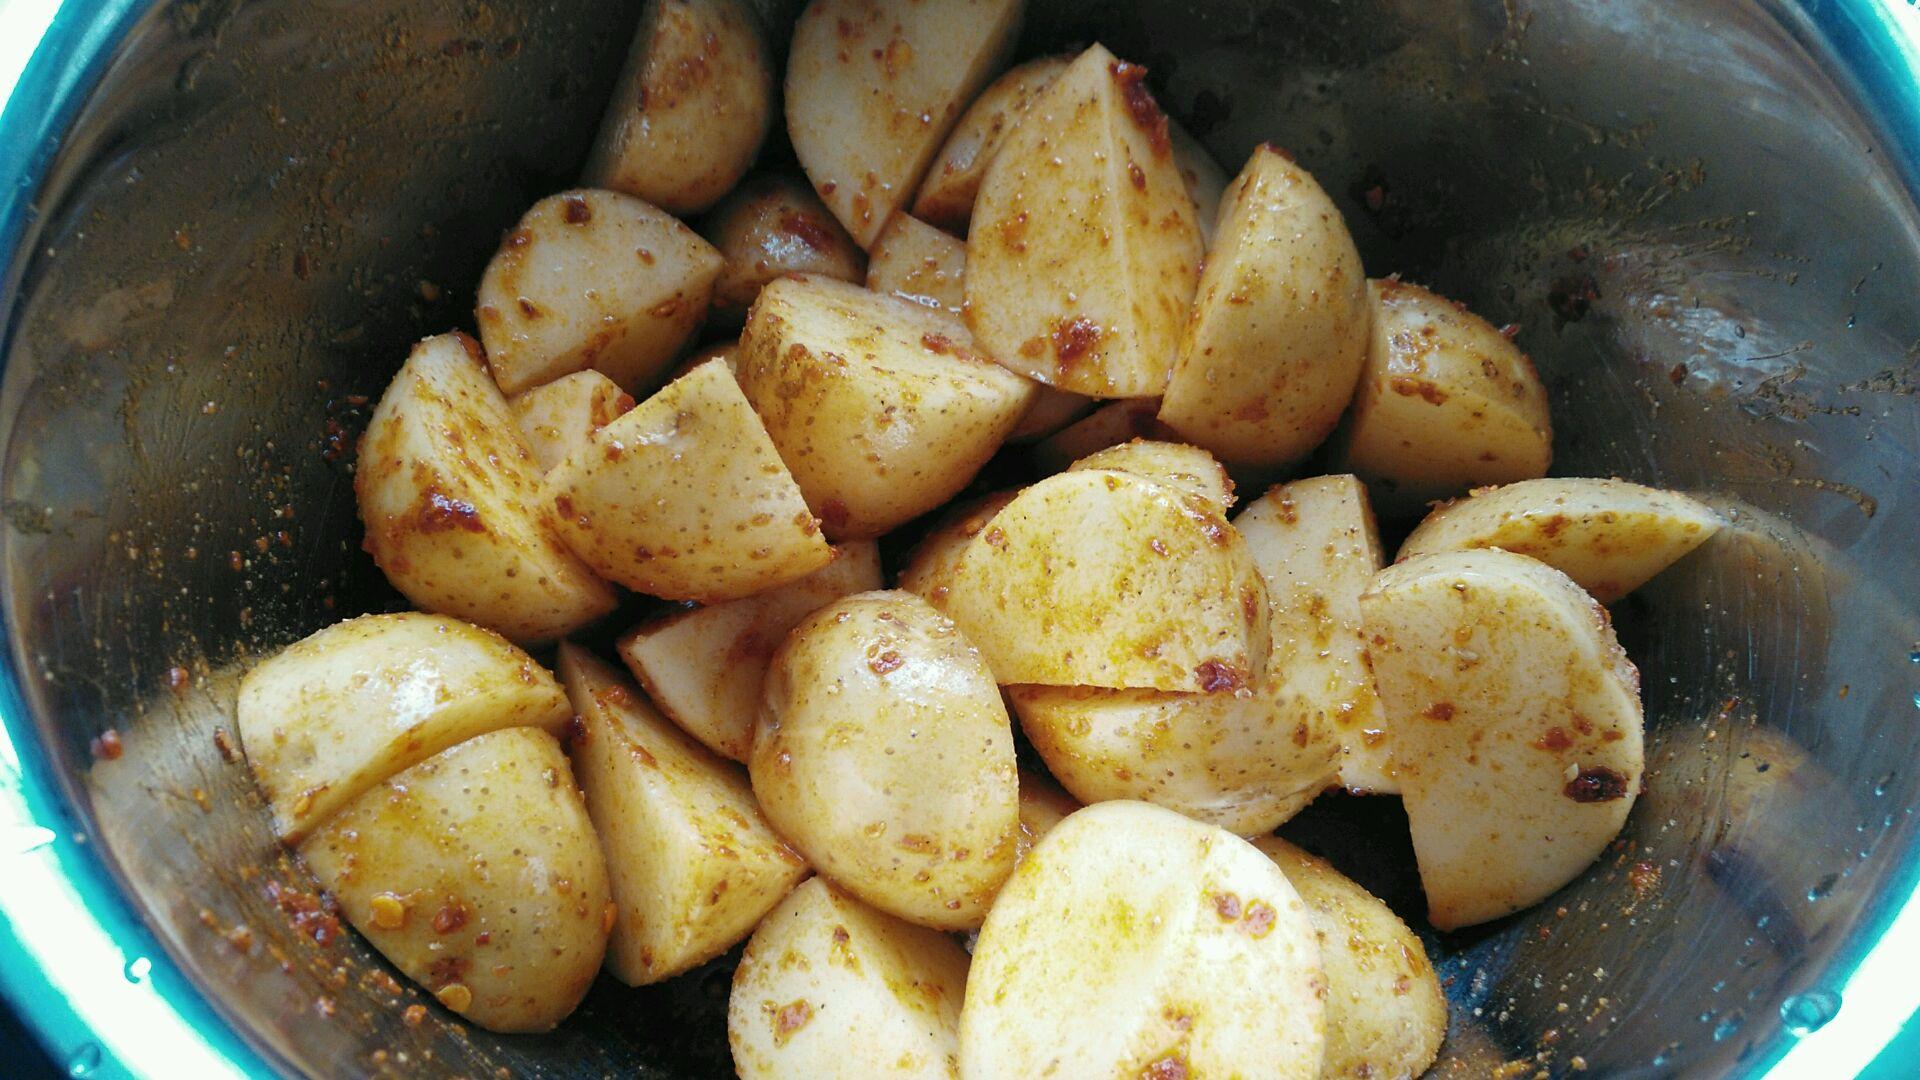 然后将小土豆切块,放入红油辣椒,盐,花椒粉把土豆拌好.